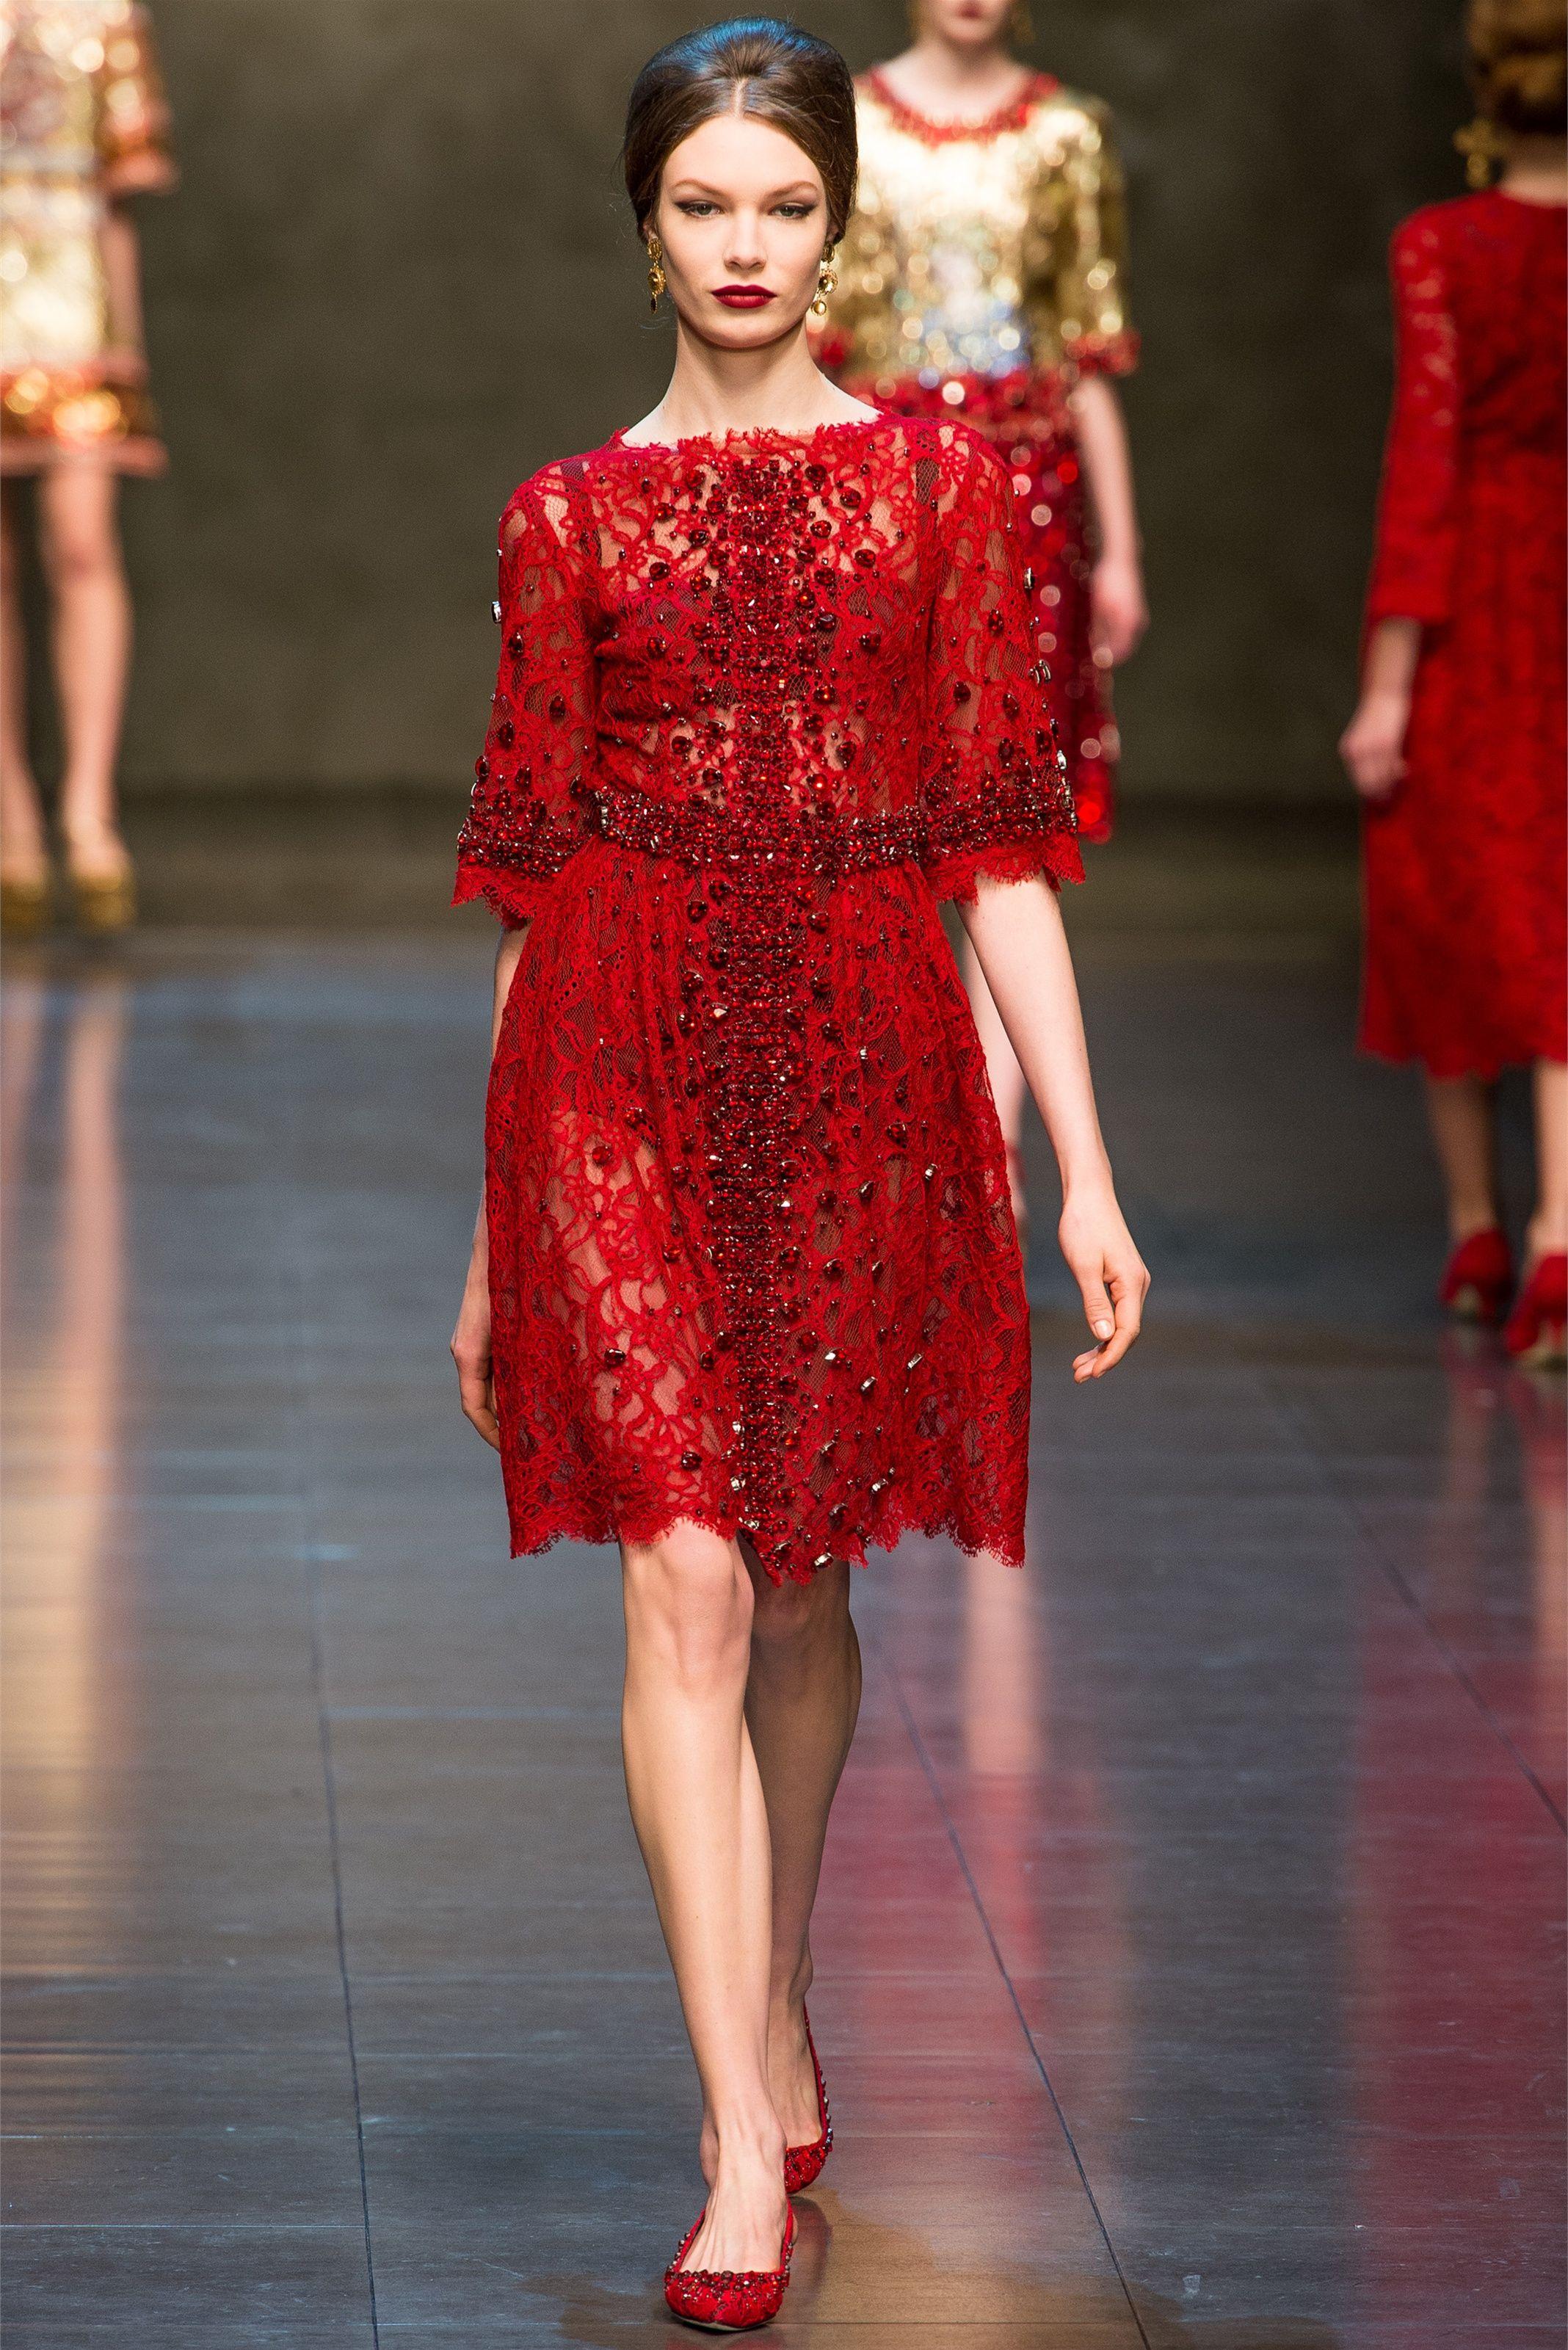 Sfilata Dolce   Gabbana Milano - Collezioni Autunno Inverno 2013-14 - Vogue 7bcc1420786